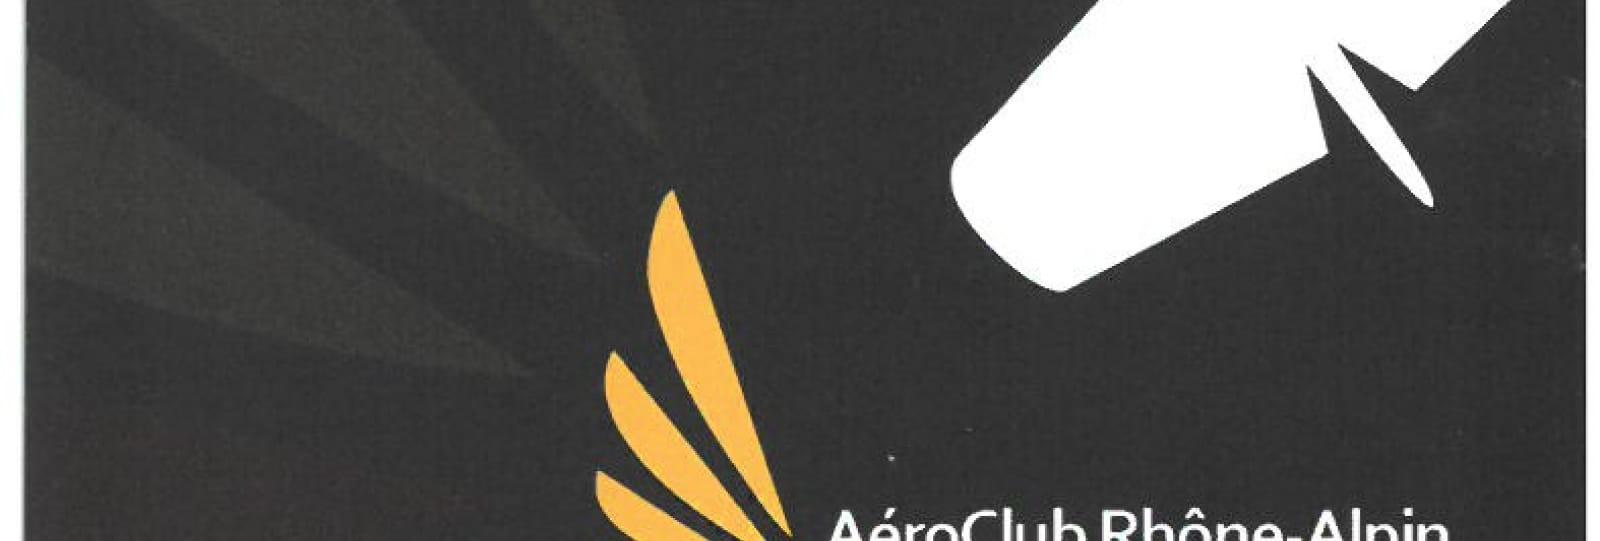 Aéroclub Rhône-Alpin - Ecole depilotage Aéroclub